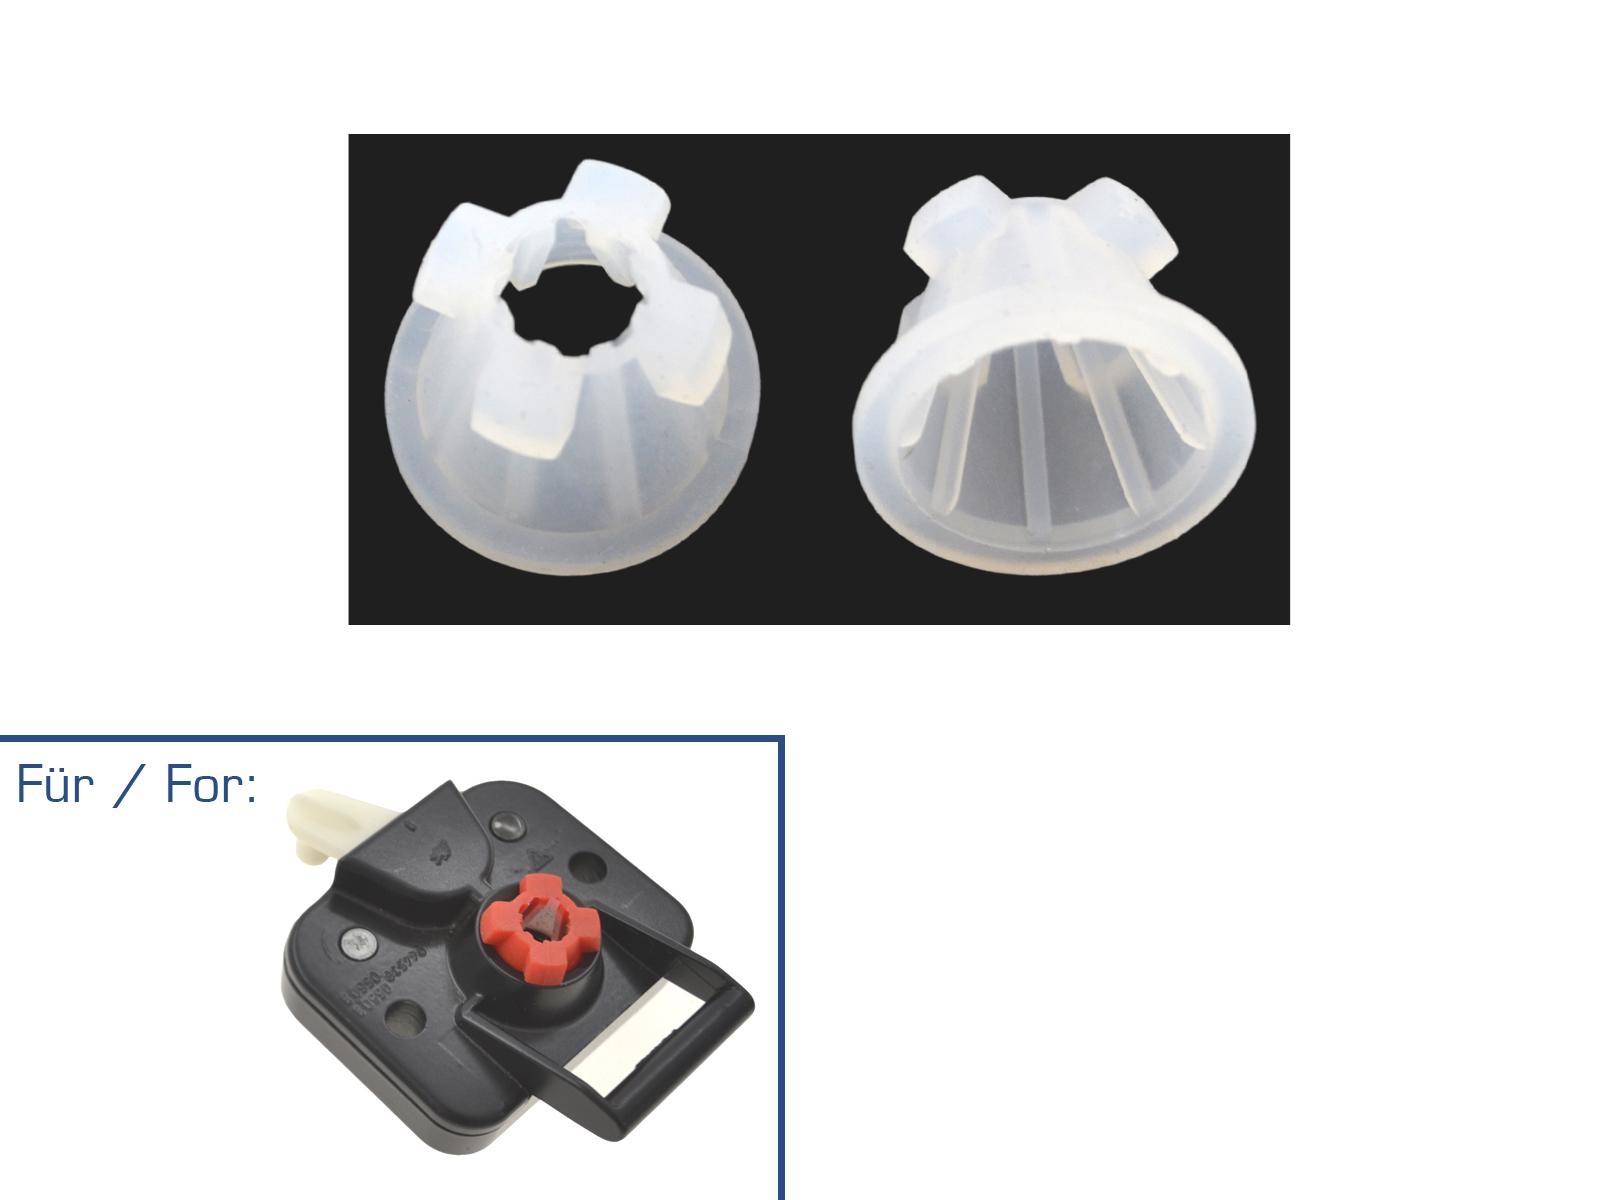 2x partworks rubber insert for Porsche 924/944/968 rear hatch lock